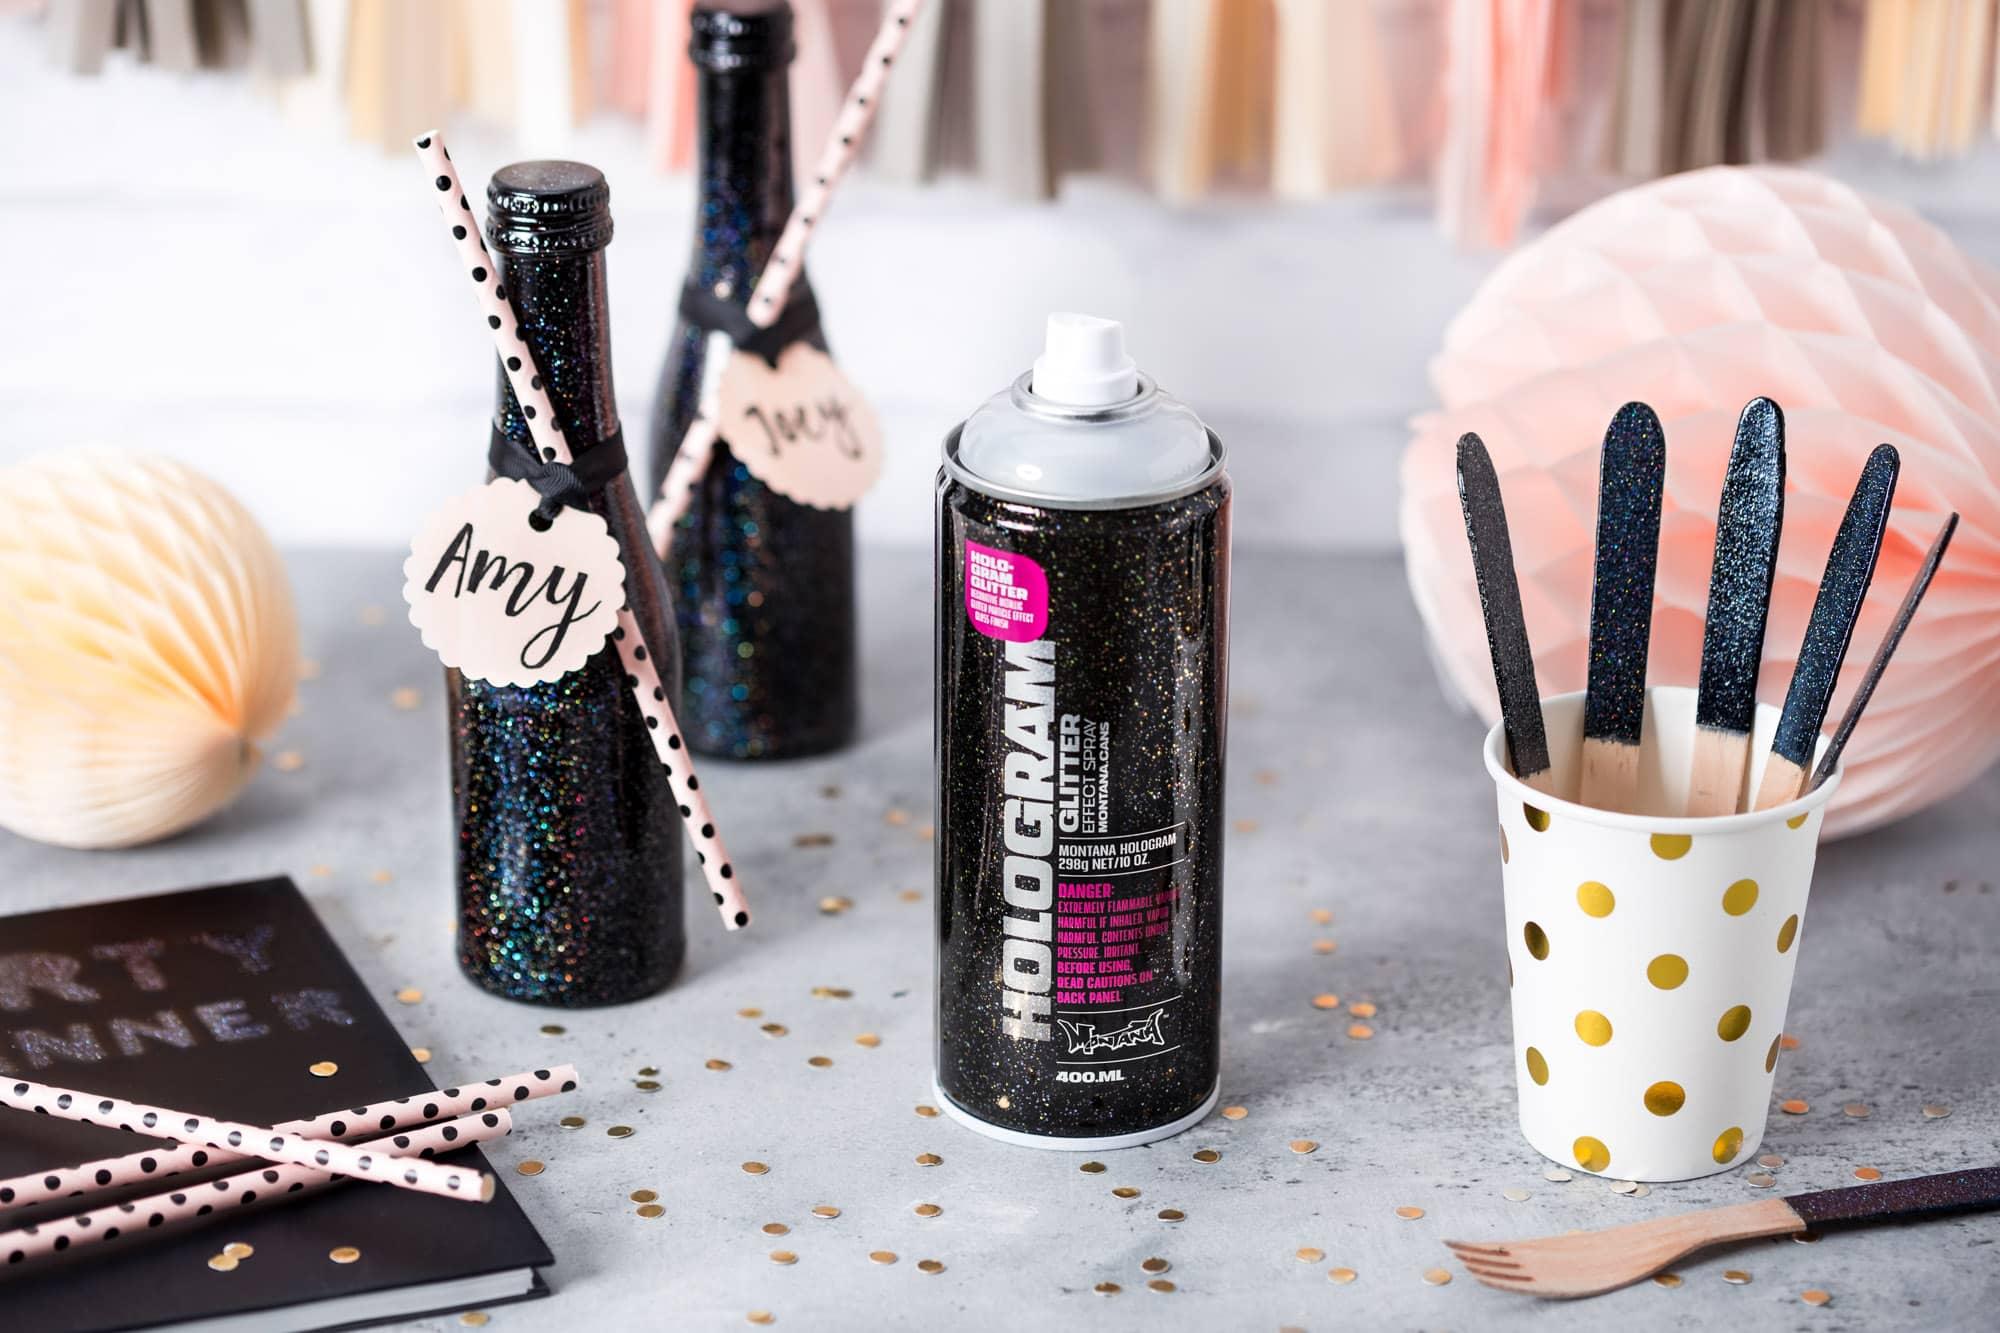 Montana-Cans-GRAM-Glitter-Effect-Spray-DIY_Alles_Quer_Branding